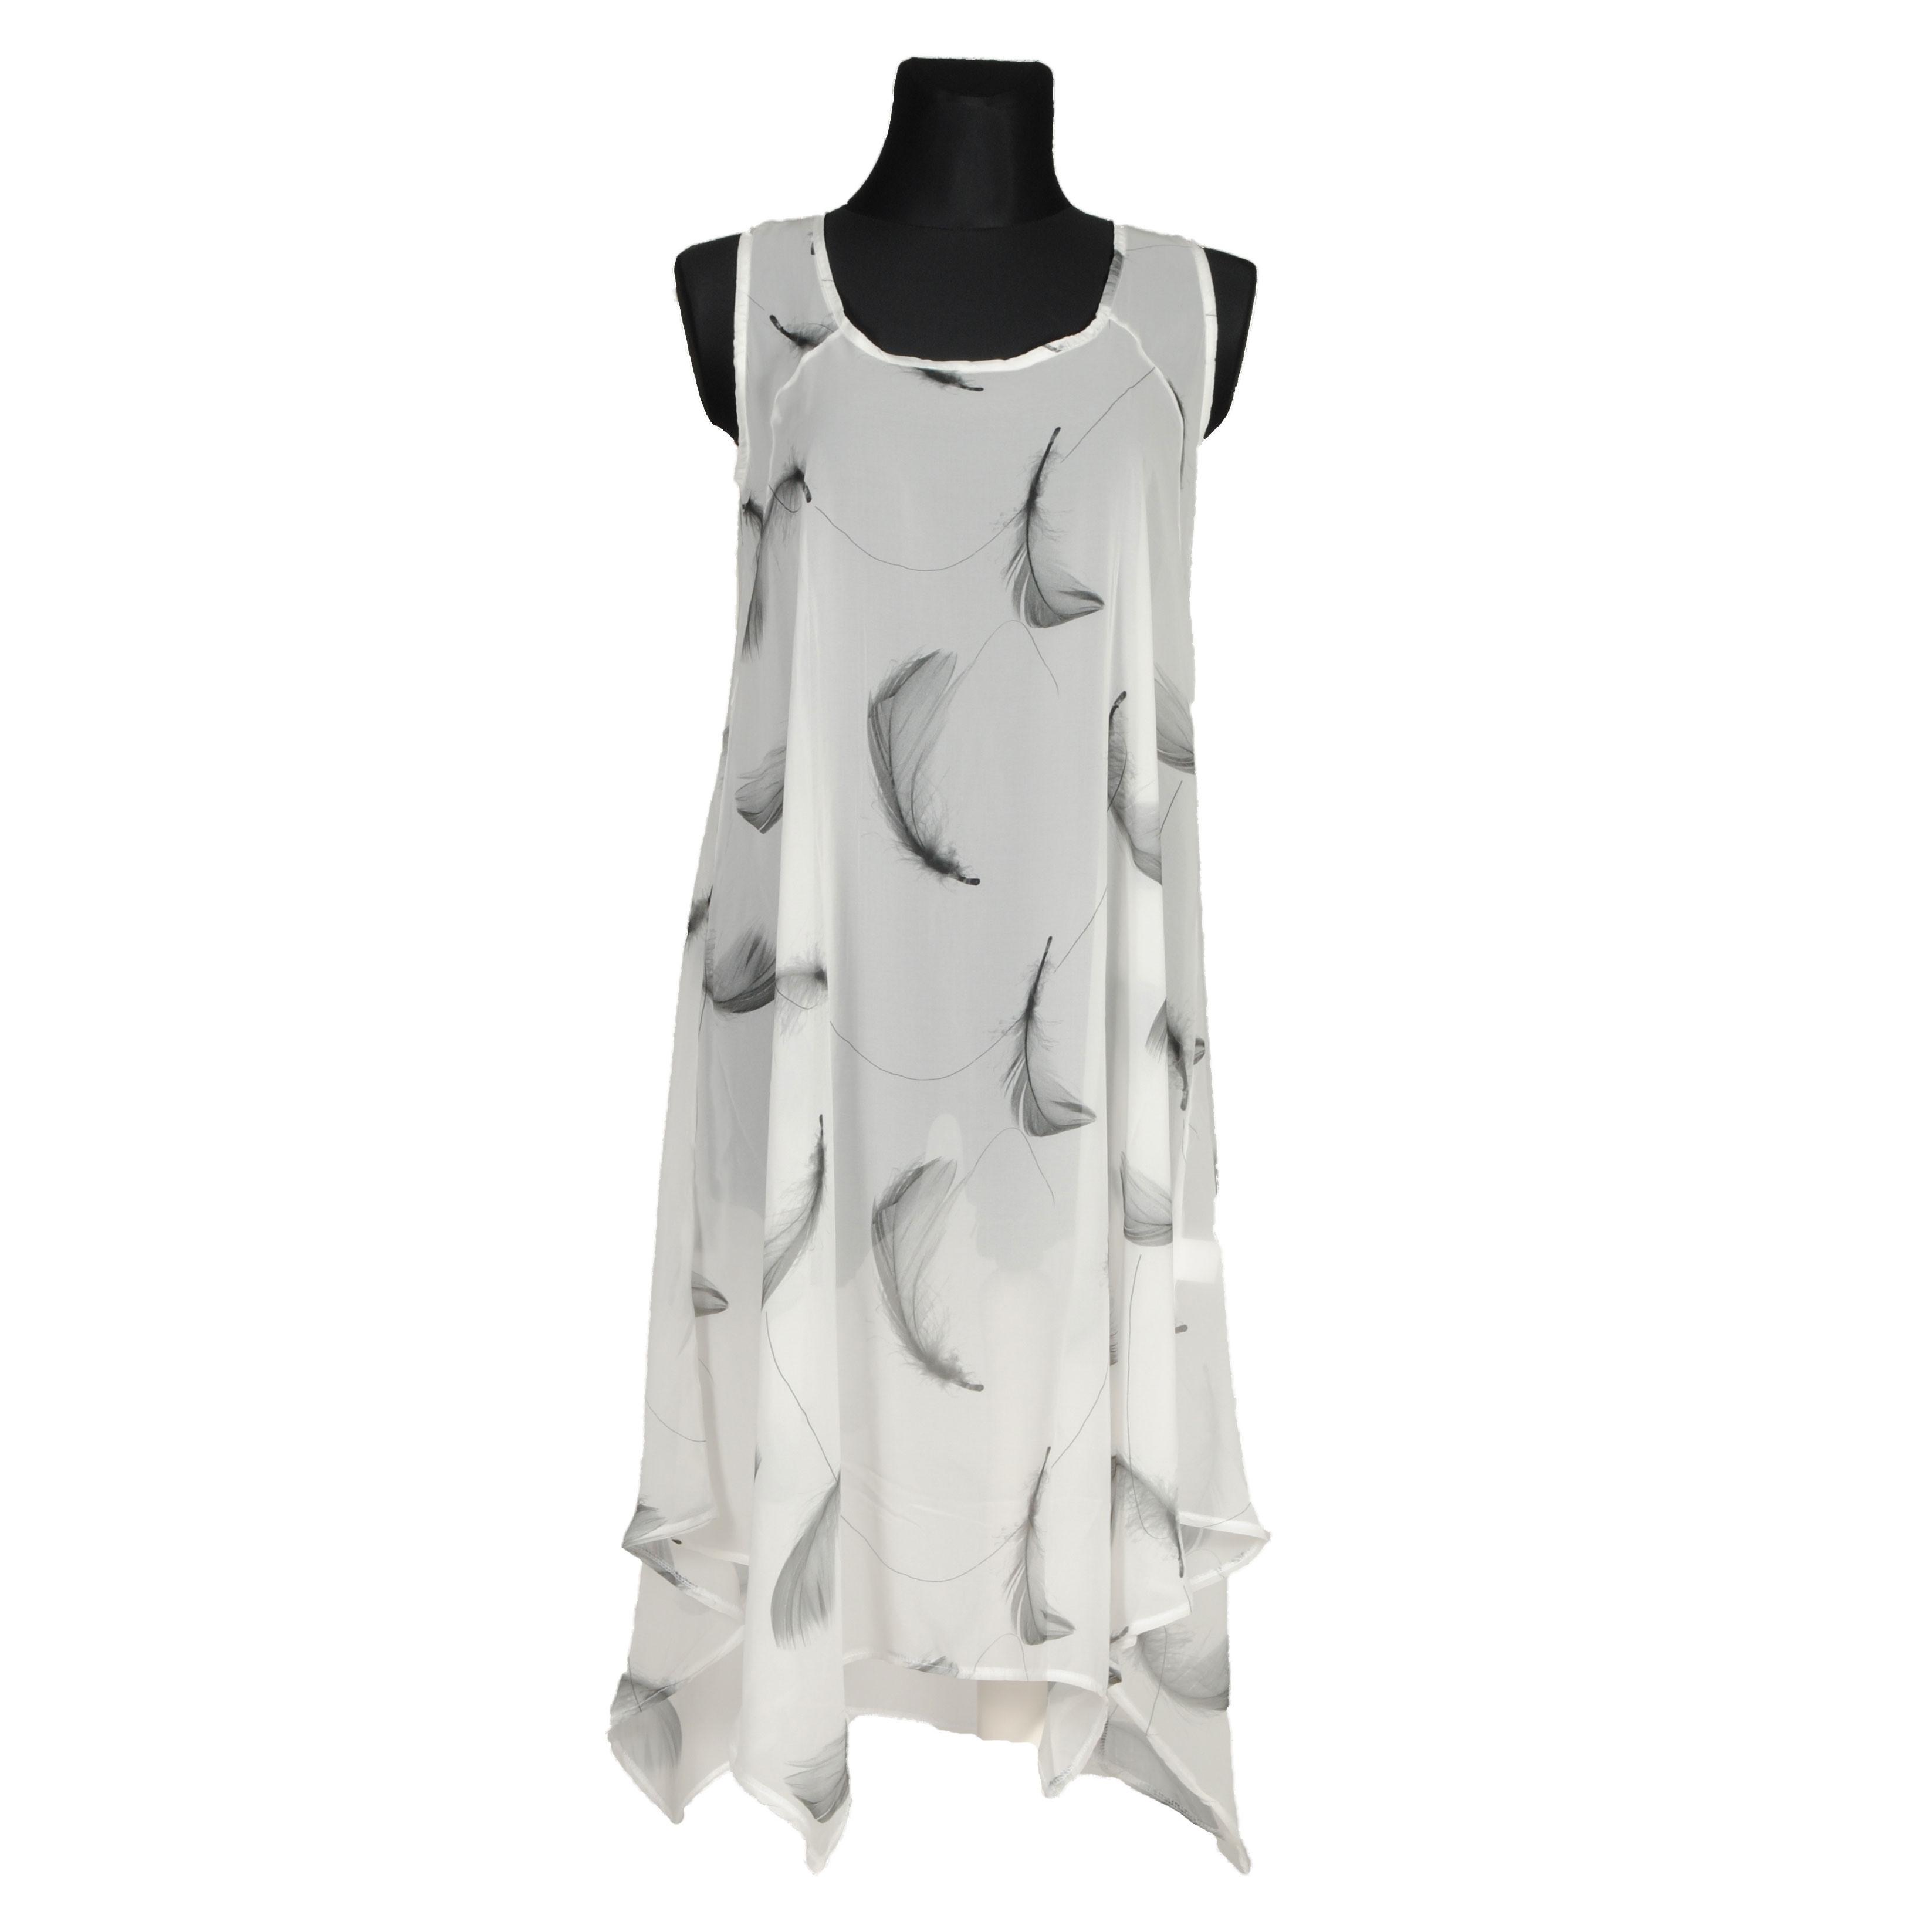 15 Ausgezeichnet Sommerkleid 44 Ärmel13 Genial Sommerkleid 44 Spezialgebiet